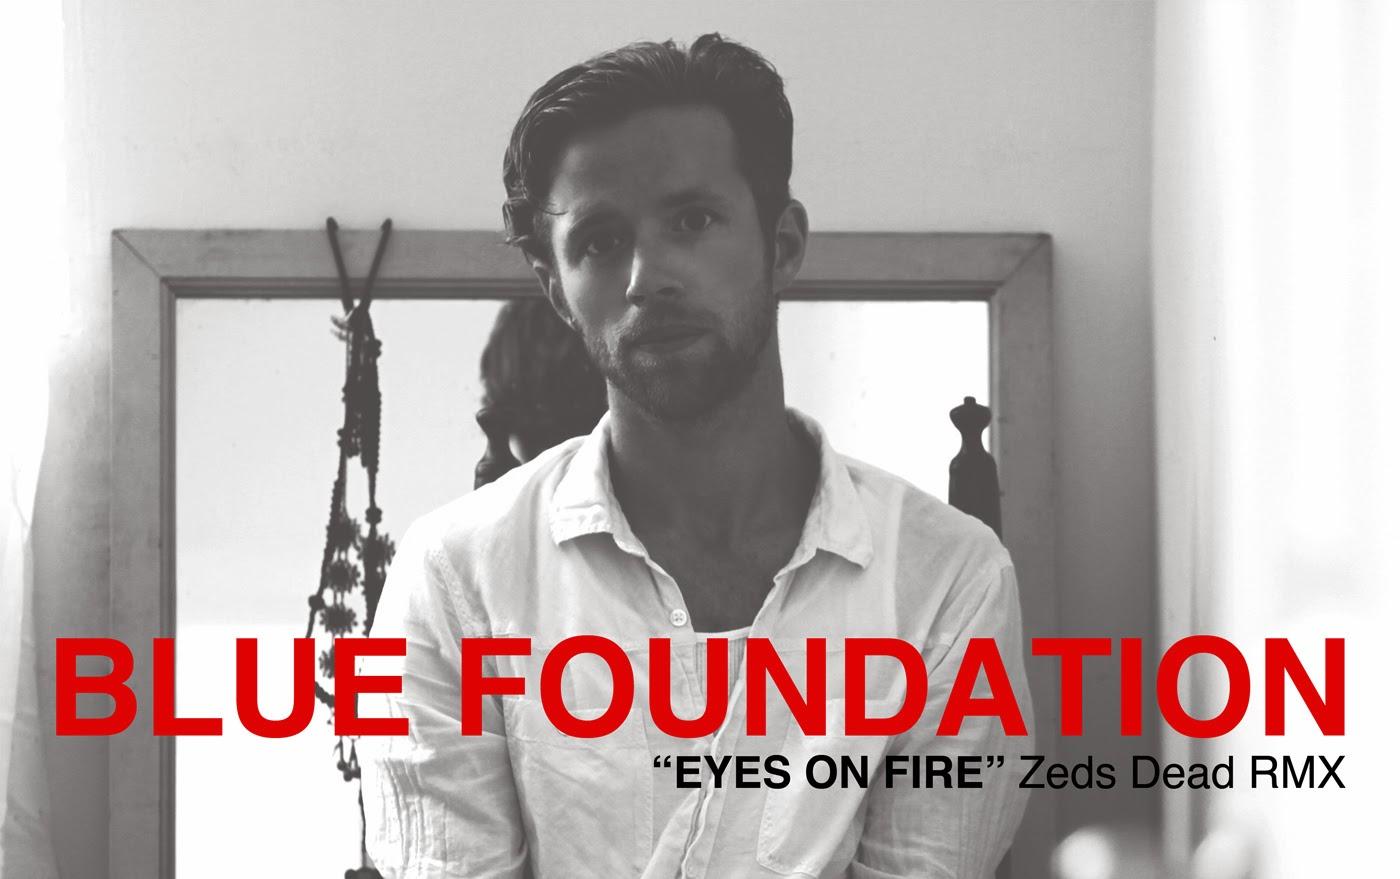 Eyes On Fire - Single - Blue Foundation mp3 купить, все песни Открыть катал